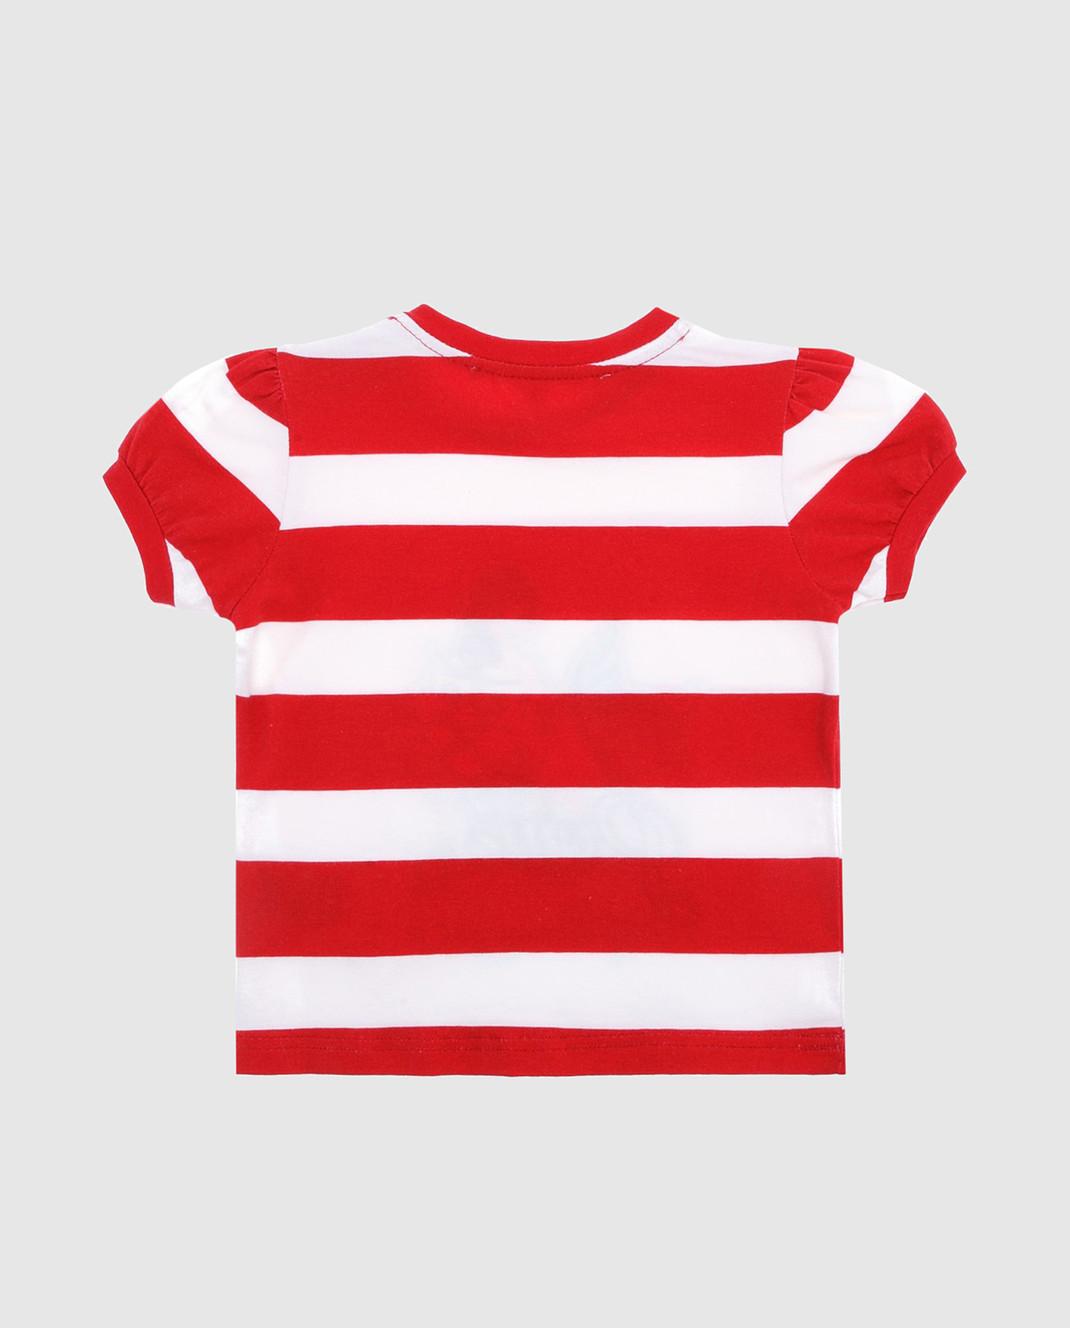 Philipp Plein Детская красная футболка CTK0004 изображение 2